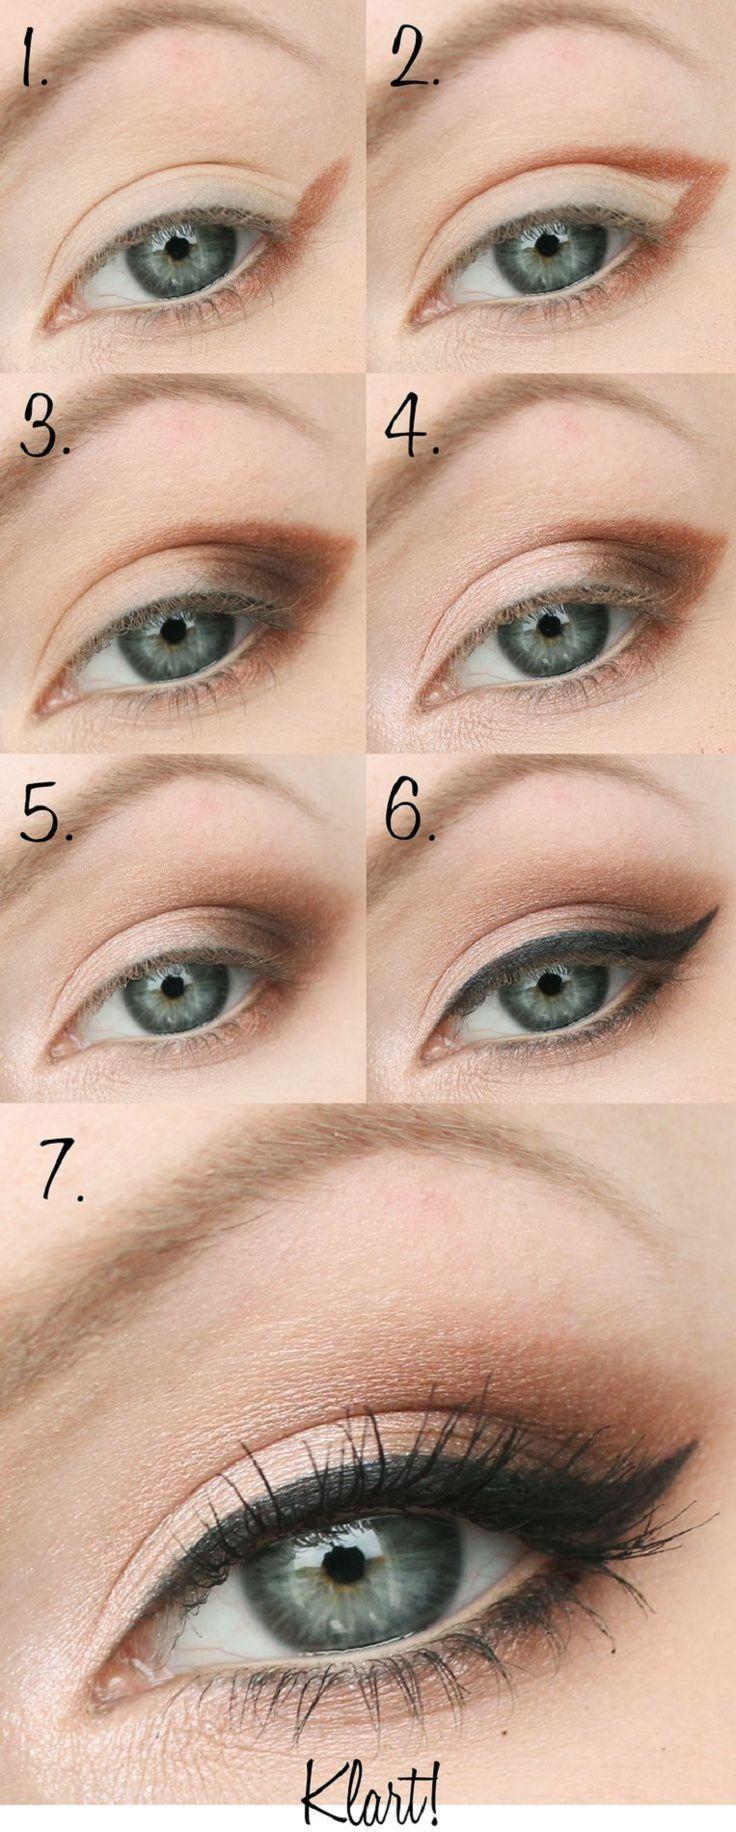 Coucou les filles !  Vous voulez avoir de beaux yeux ? Astuces de Filles vous apporte quelques tutos idéaux pour apprendre rapidement et simplement quelque